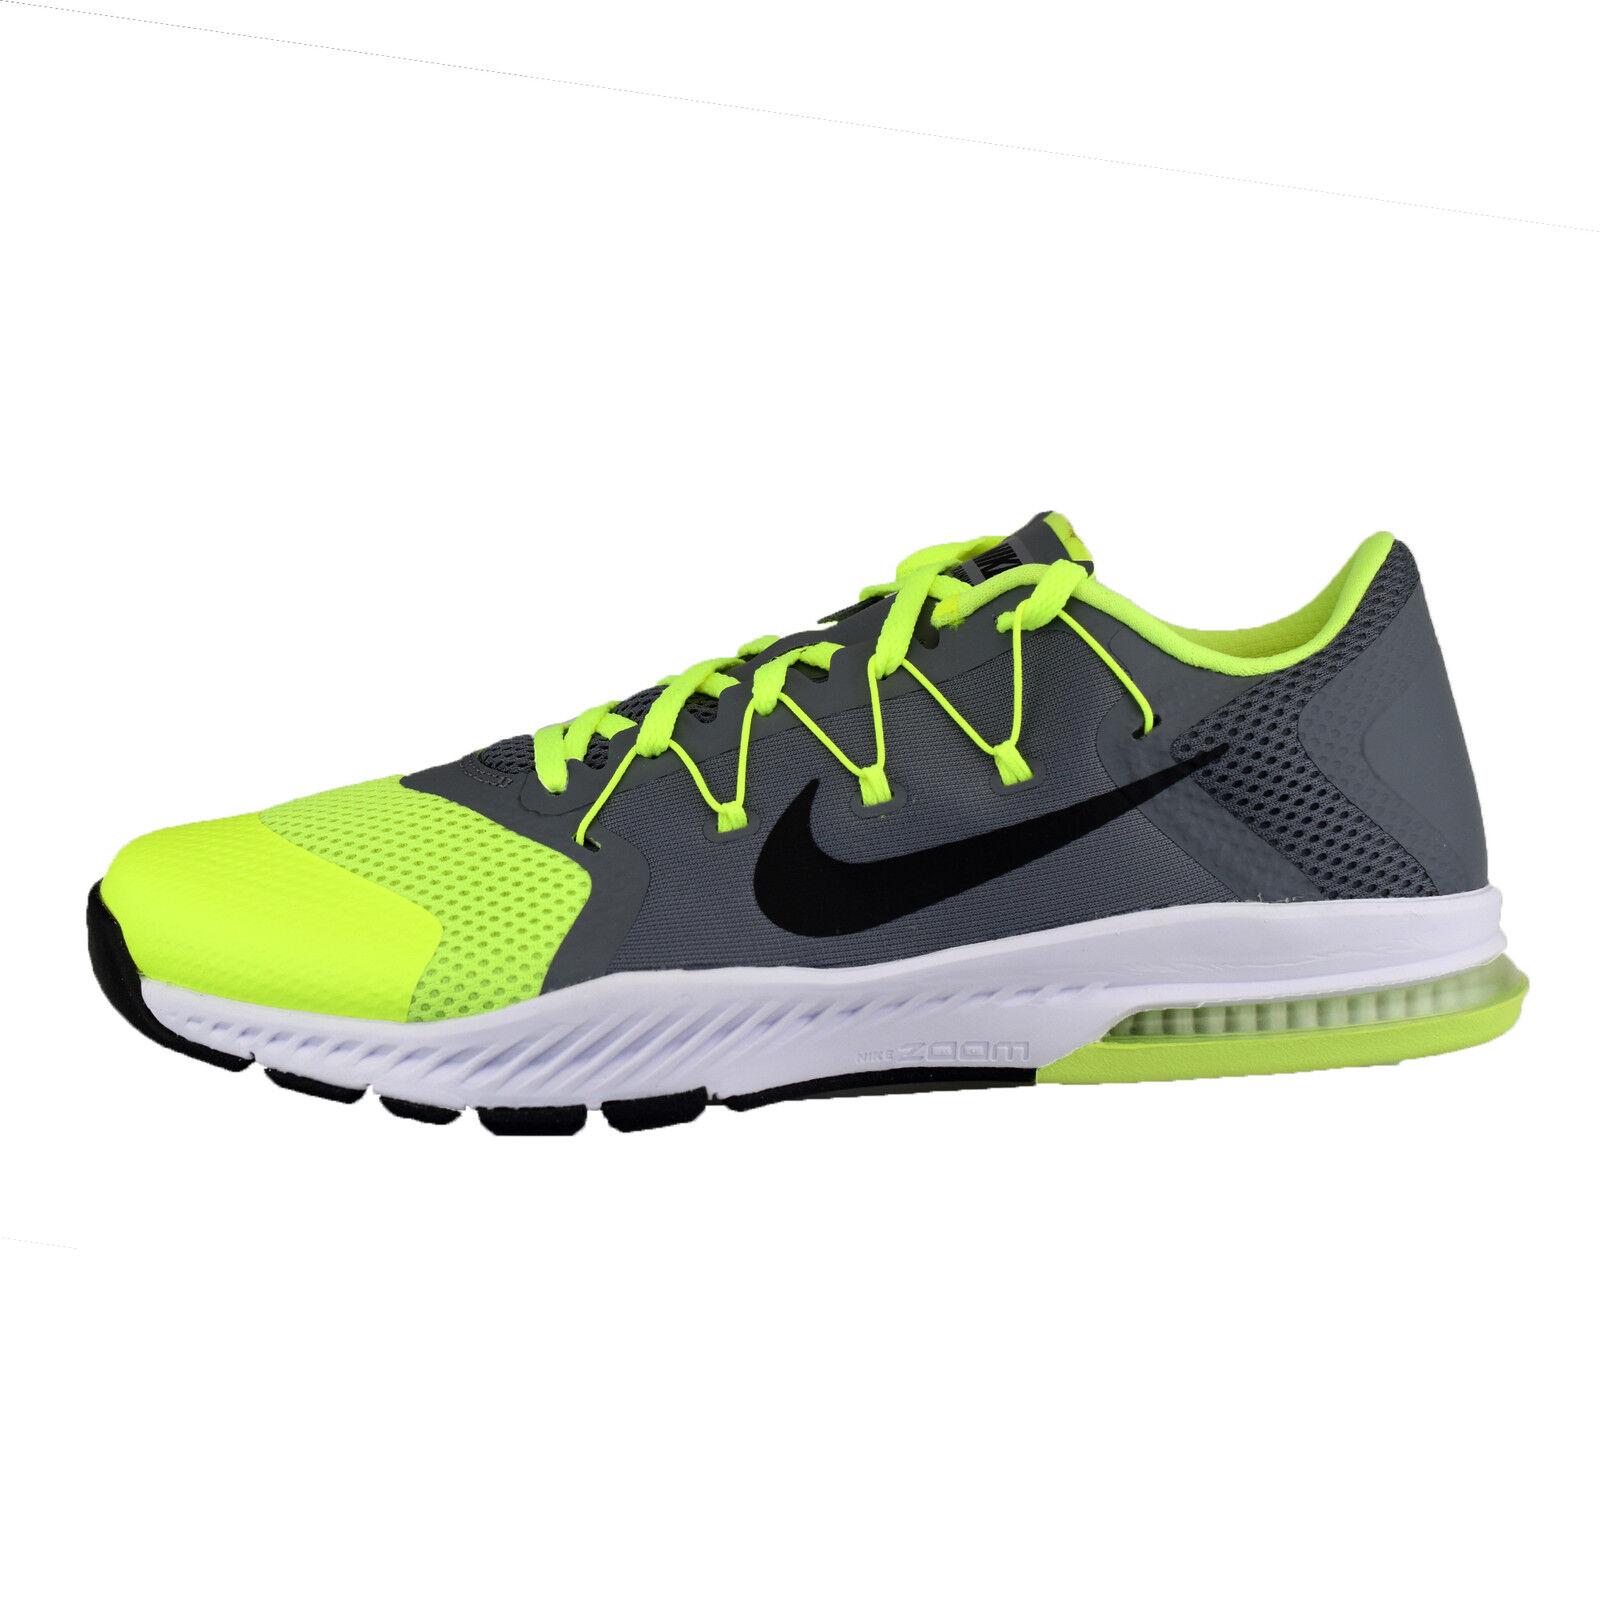 Nike Zoom Train Complete 882119-007 Joggen Freizeit Laufschuhe Sneaker